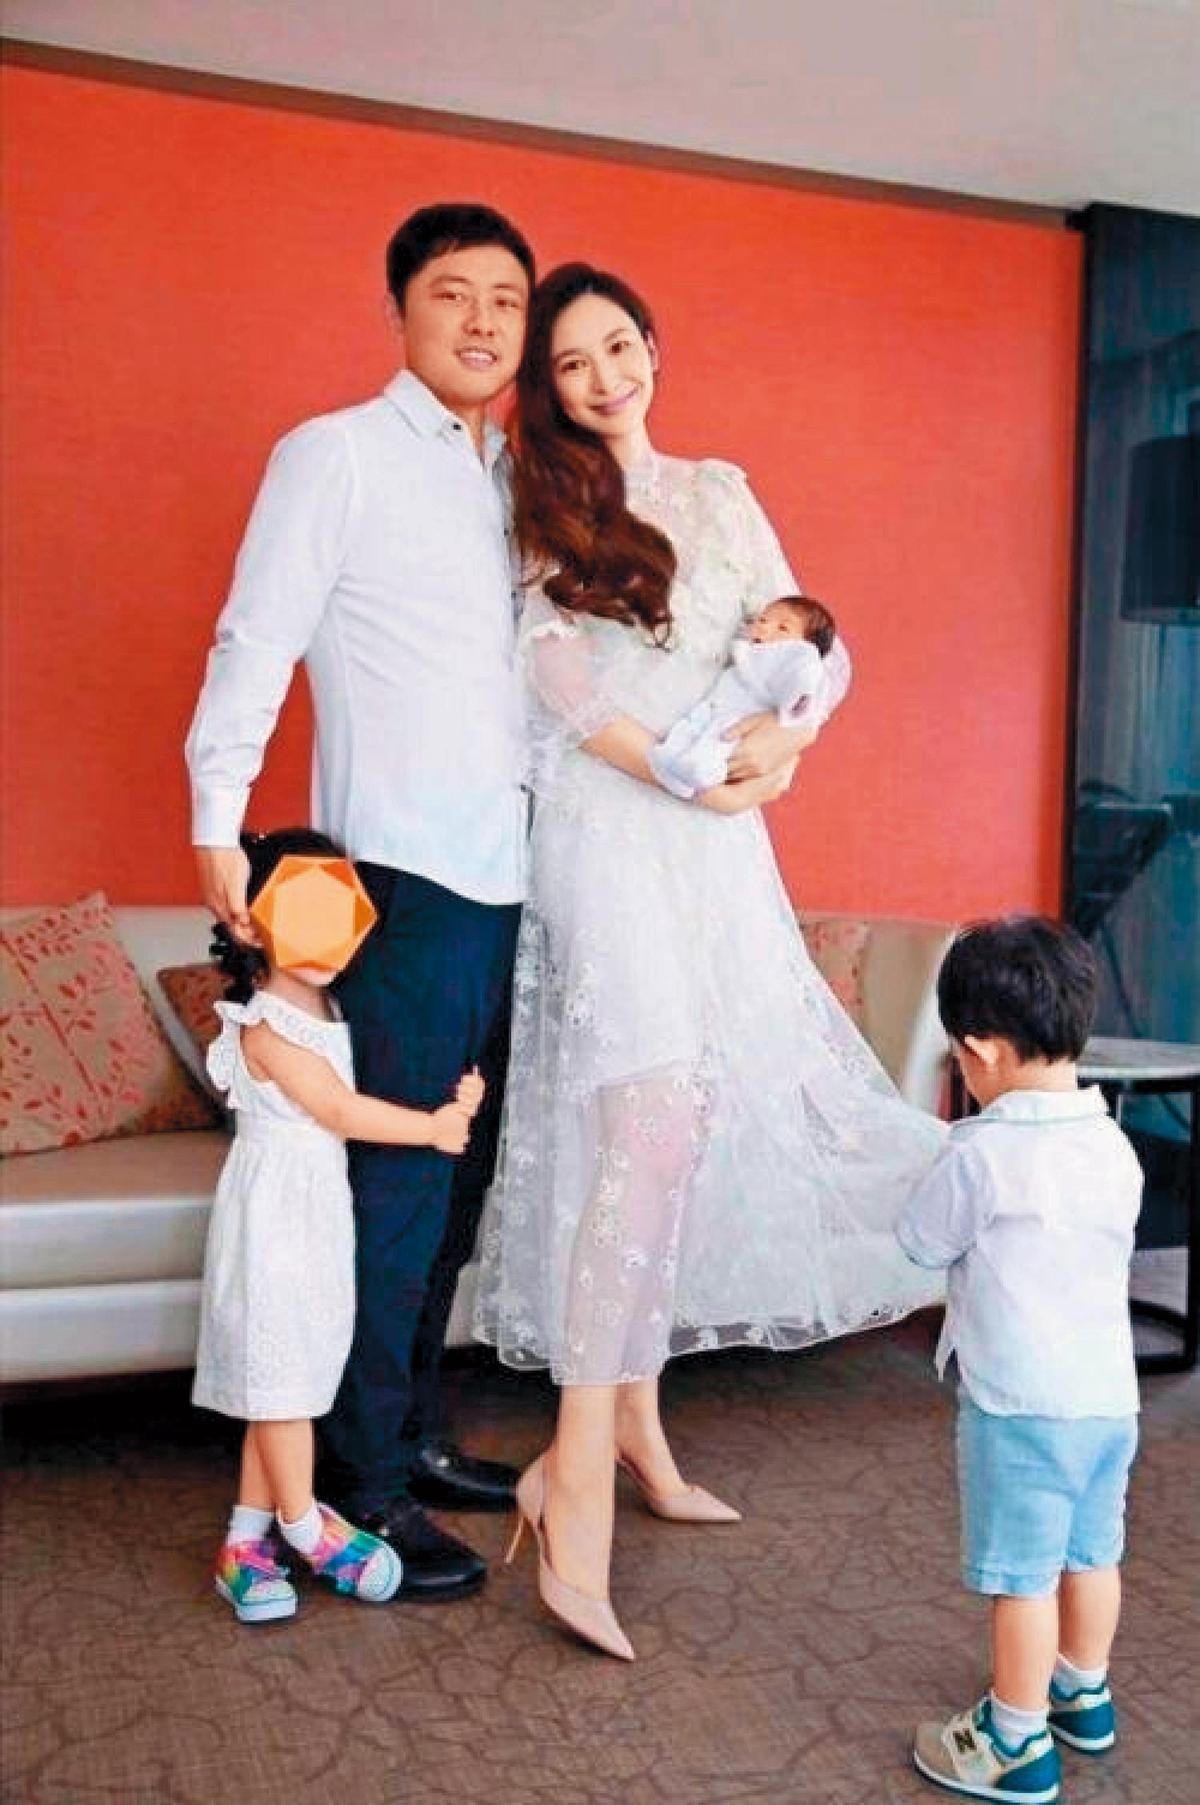 近日紀曉波傳財務亮紅燈,他與吳佩慈一家人更搬離長住的香港四季酒店。